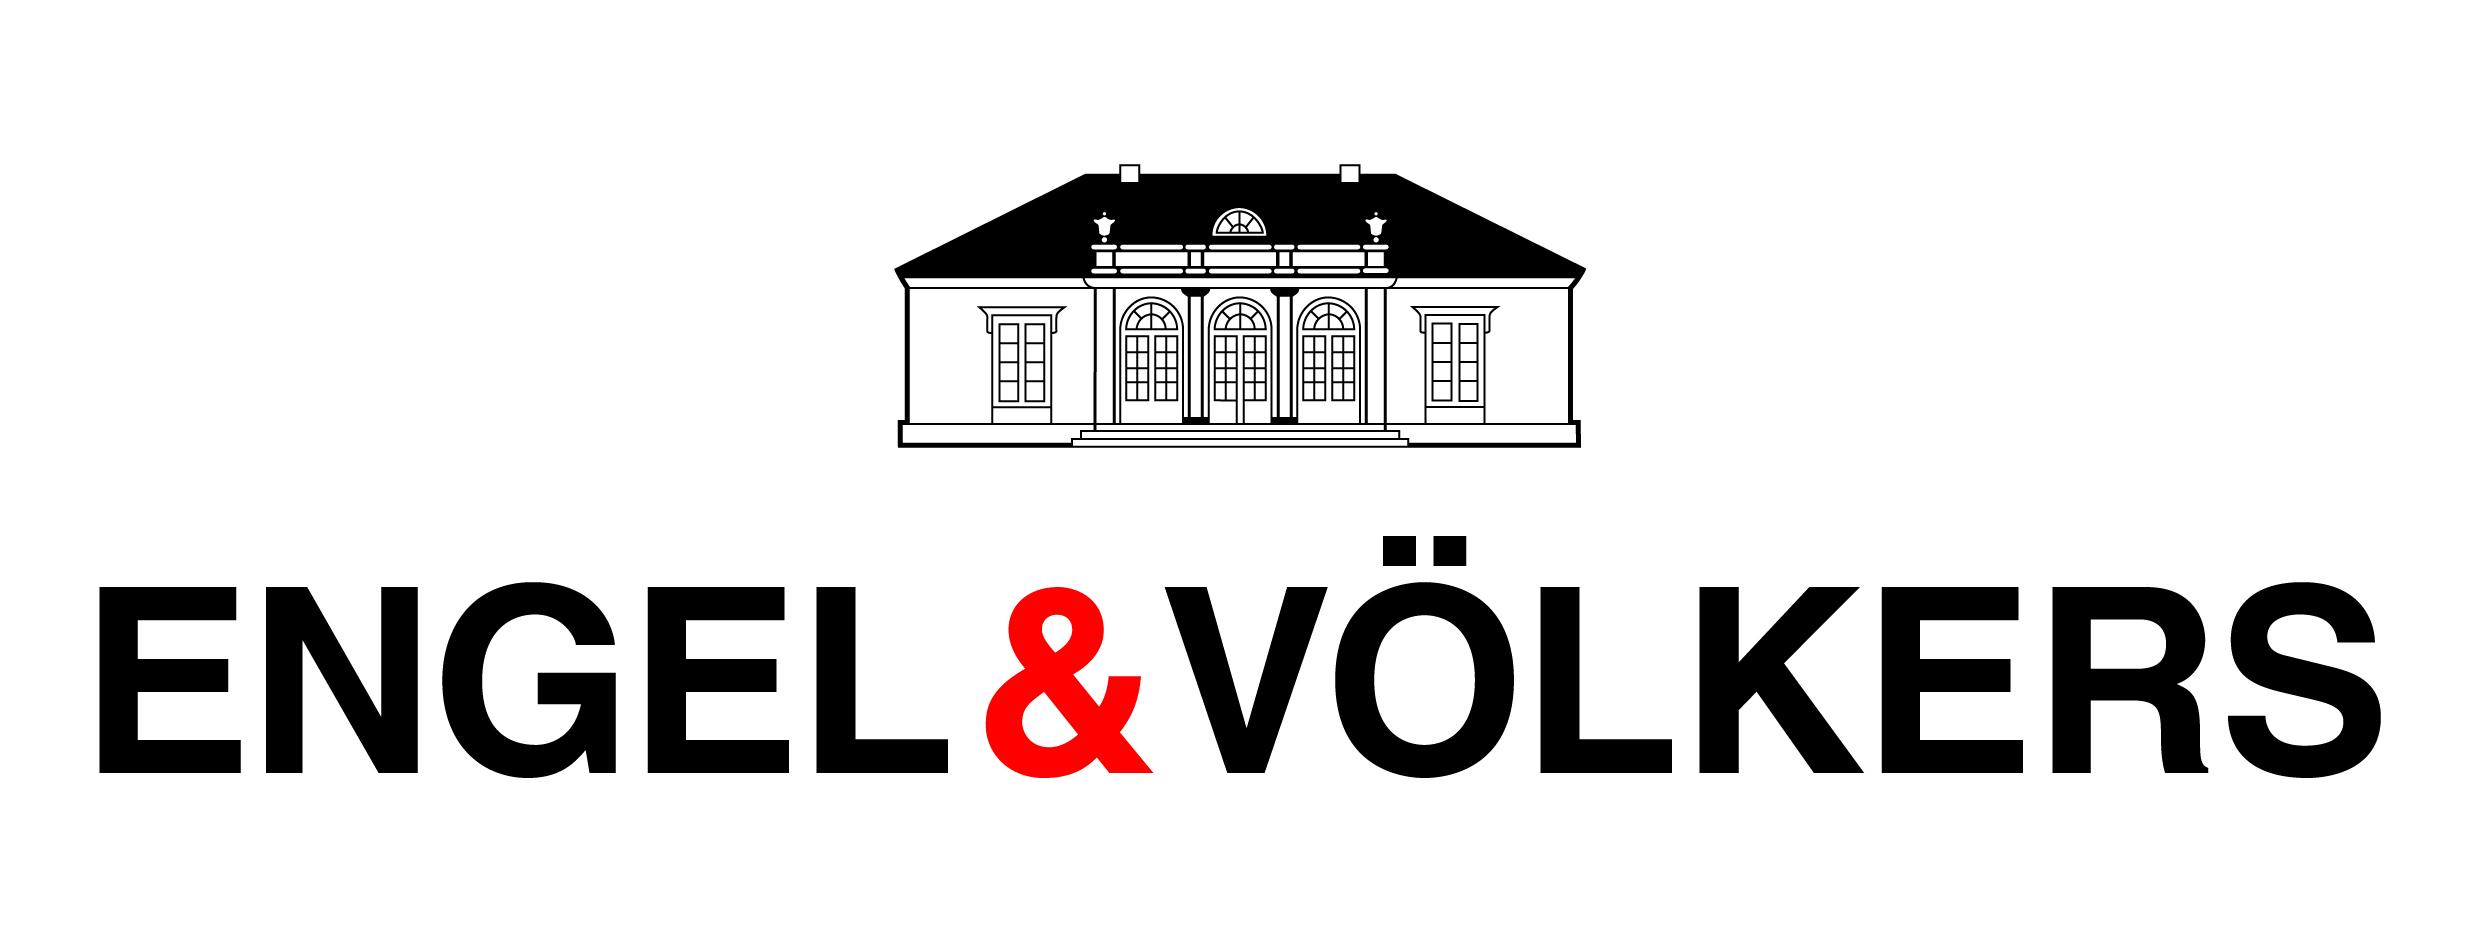 Engel & Voelkers.jpg